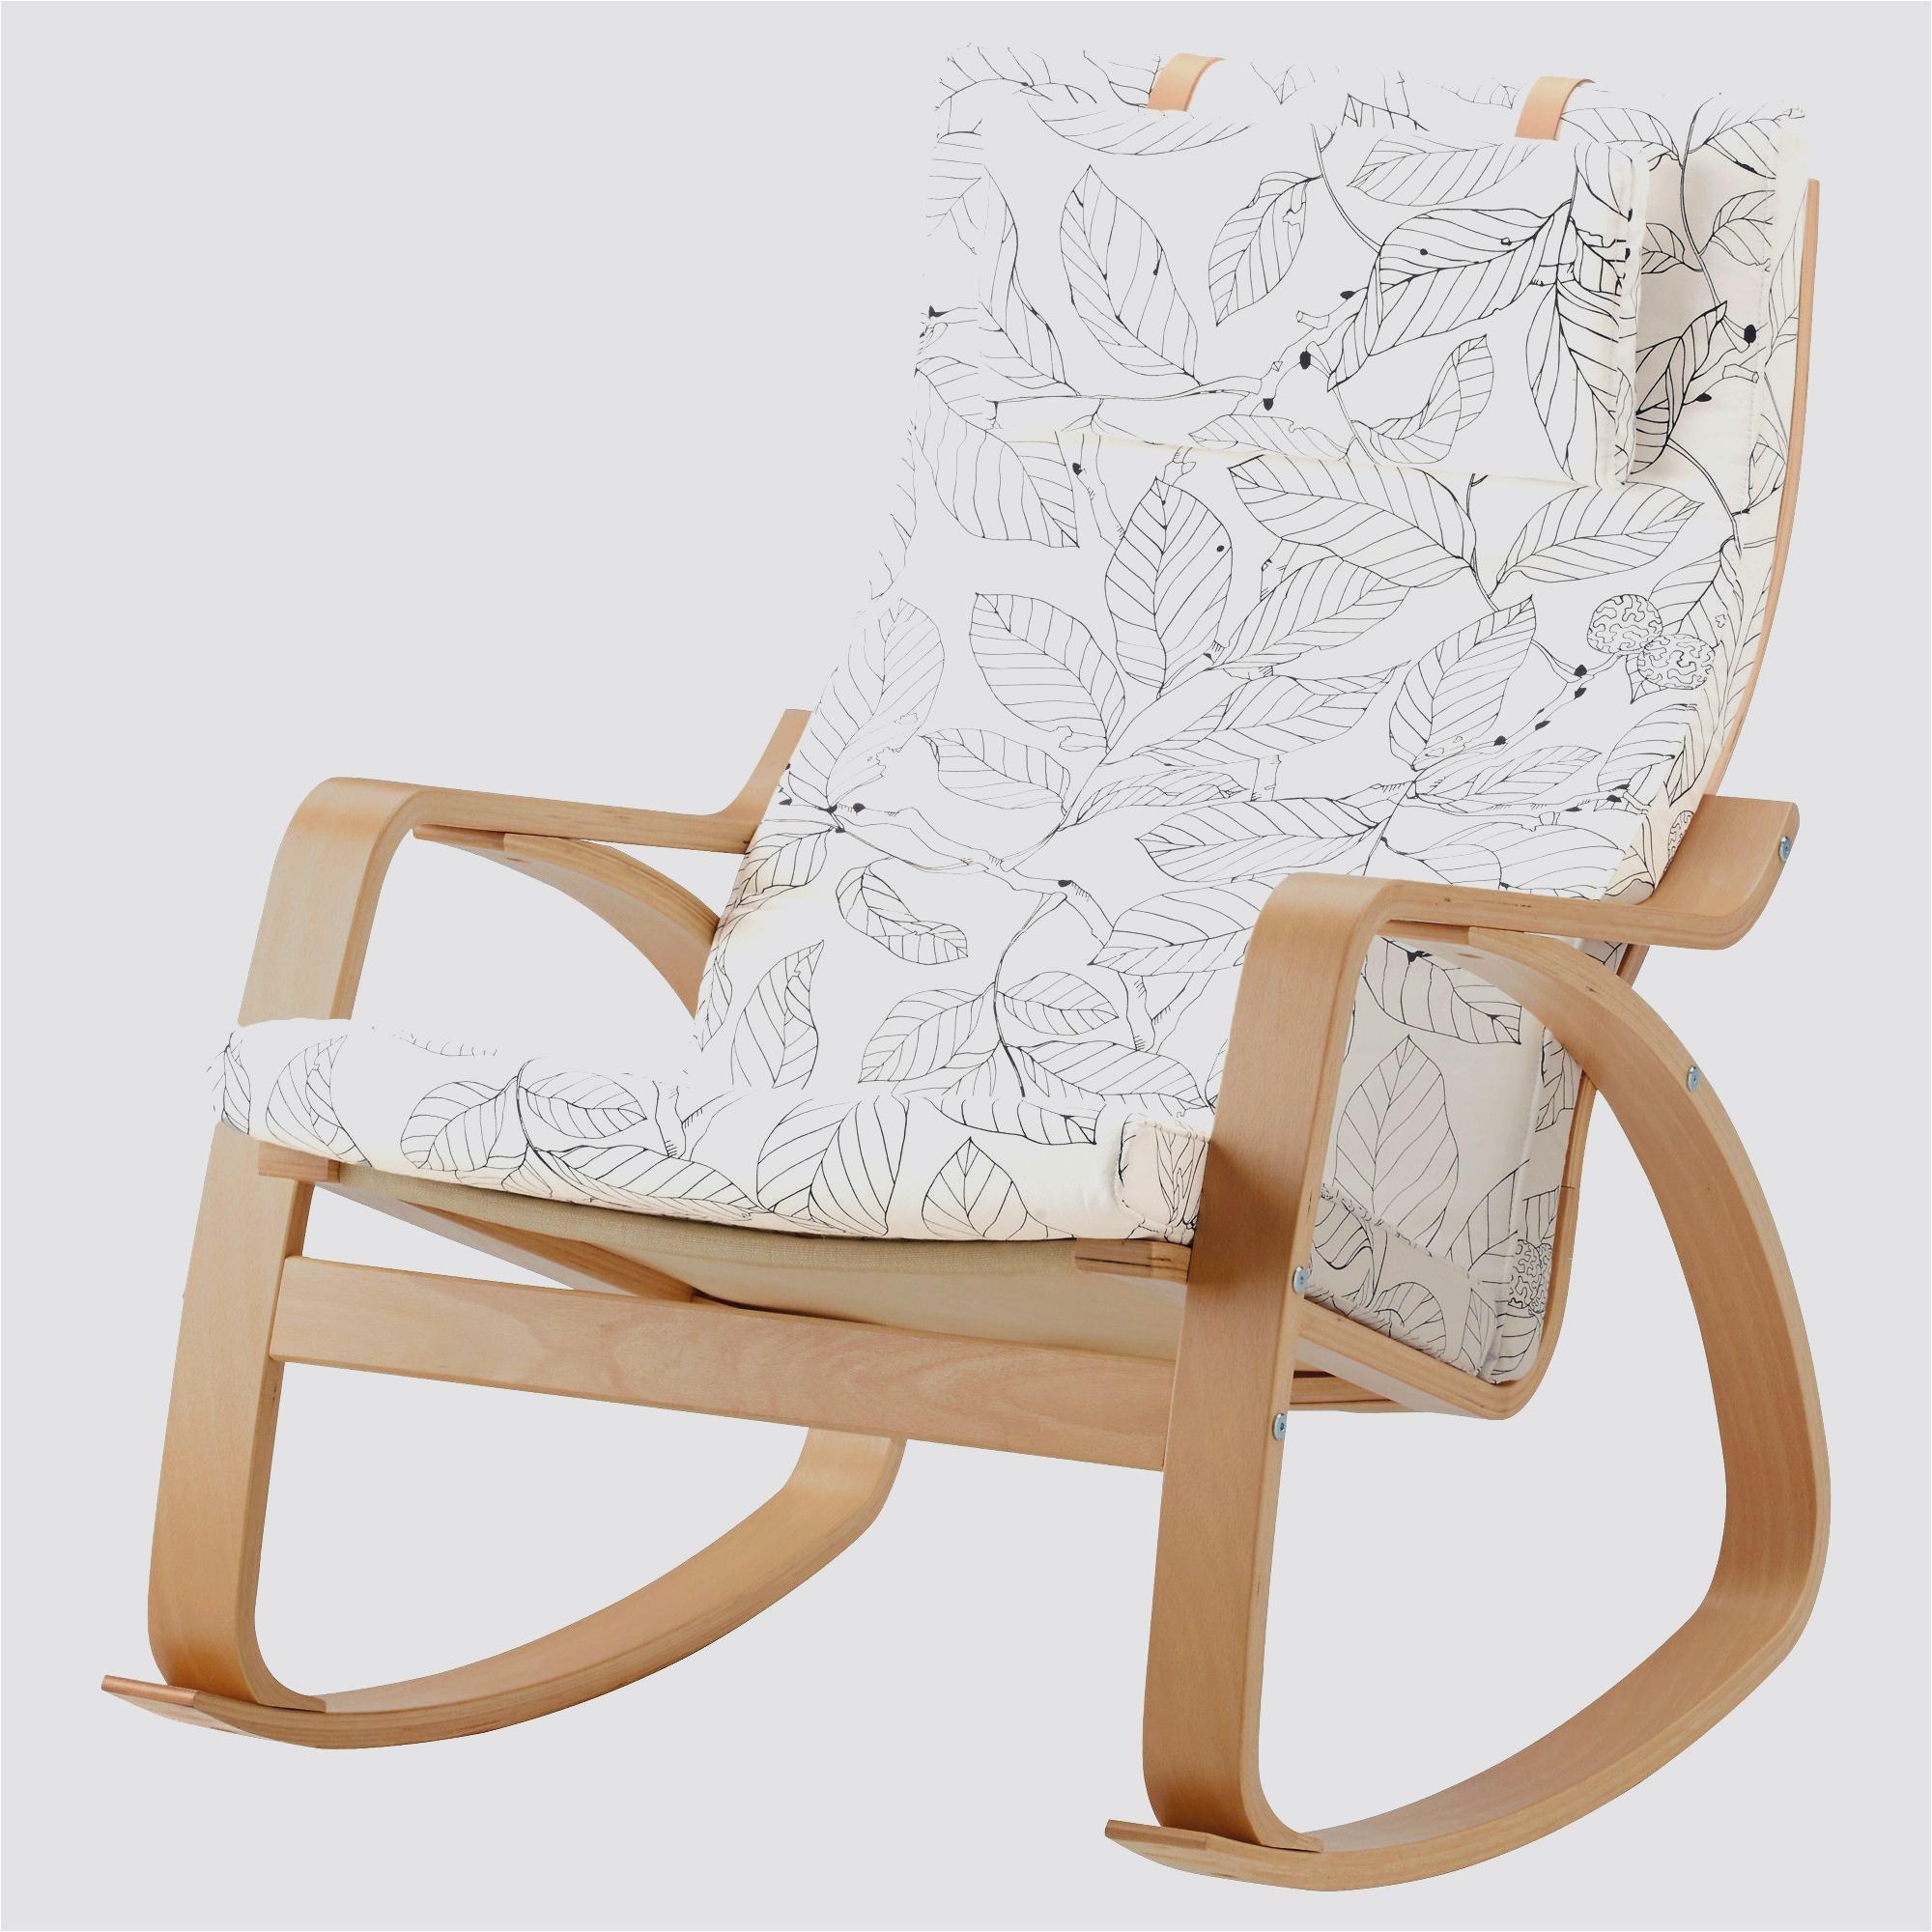 Cheval En Bois Ikea Beau Collection Chaise A Bascule Enfant Chaise De Cuisine Ikea Meilleur De Chaise